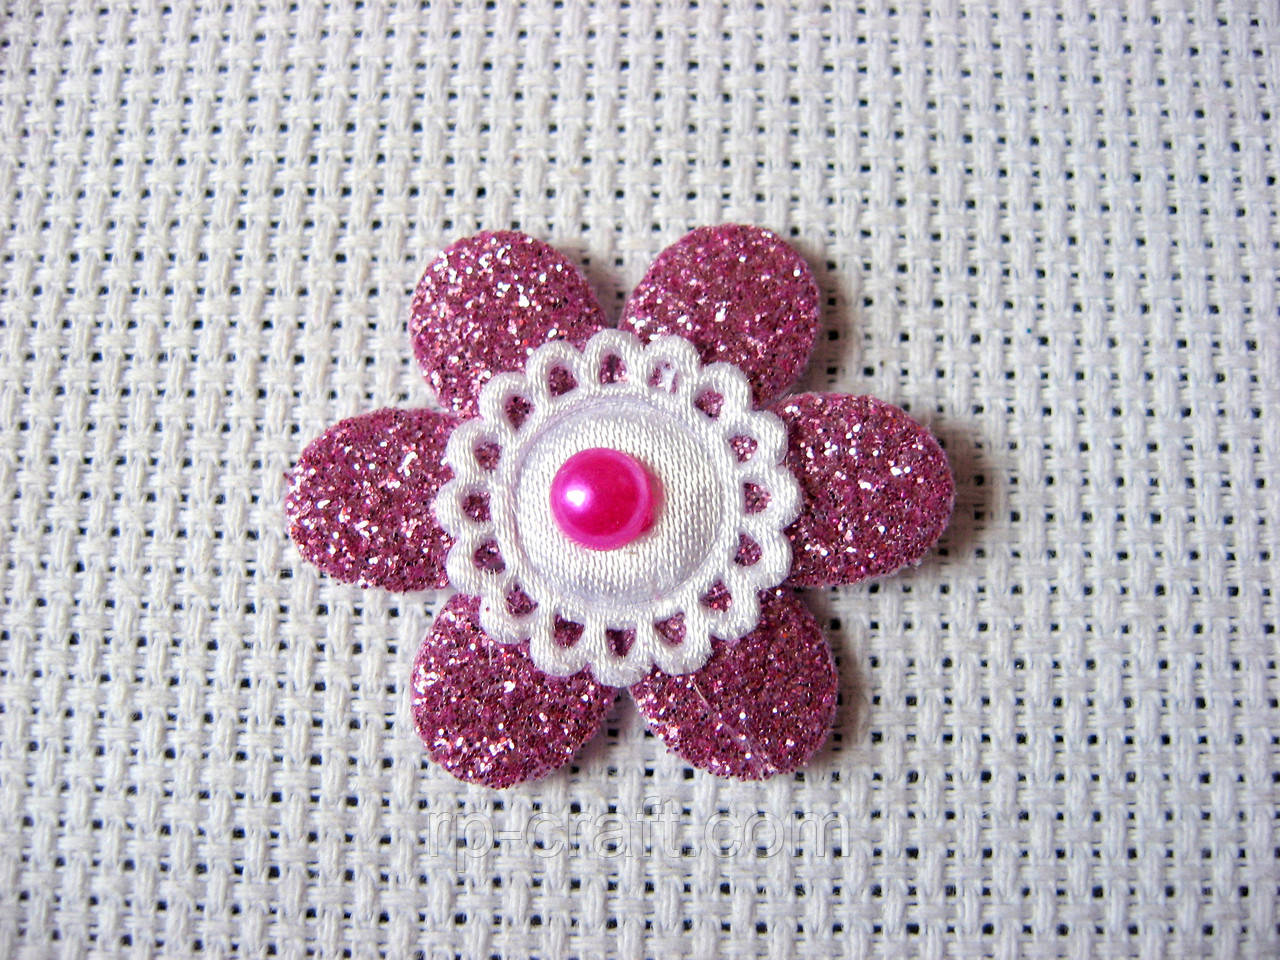 Аппликация пришивная,  цветок дымно-розовый